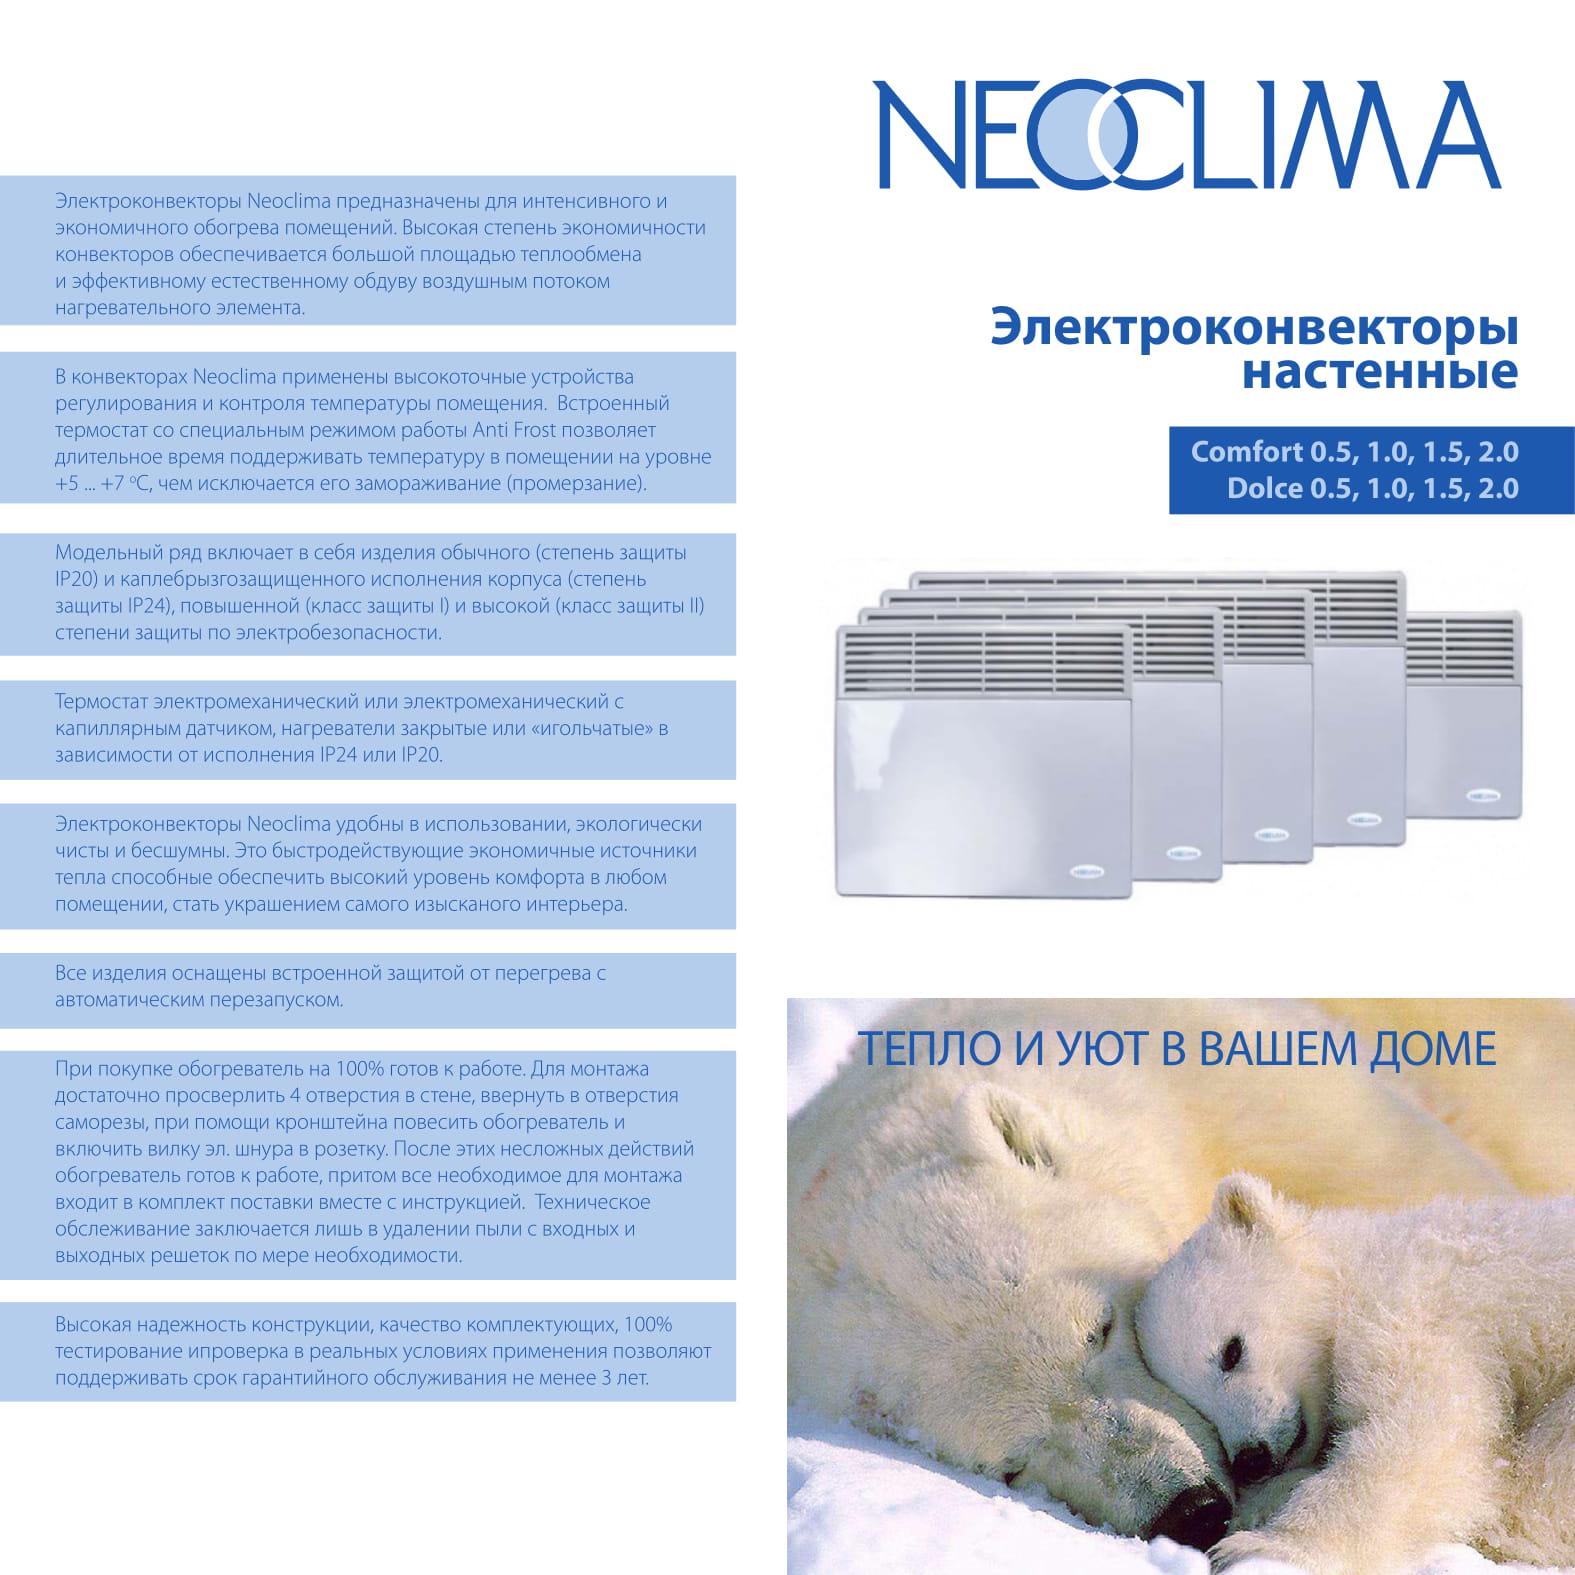 буклет Neoclima электроконвекторы